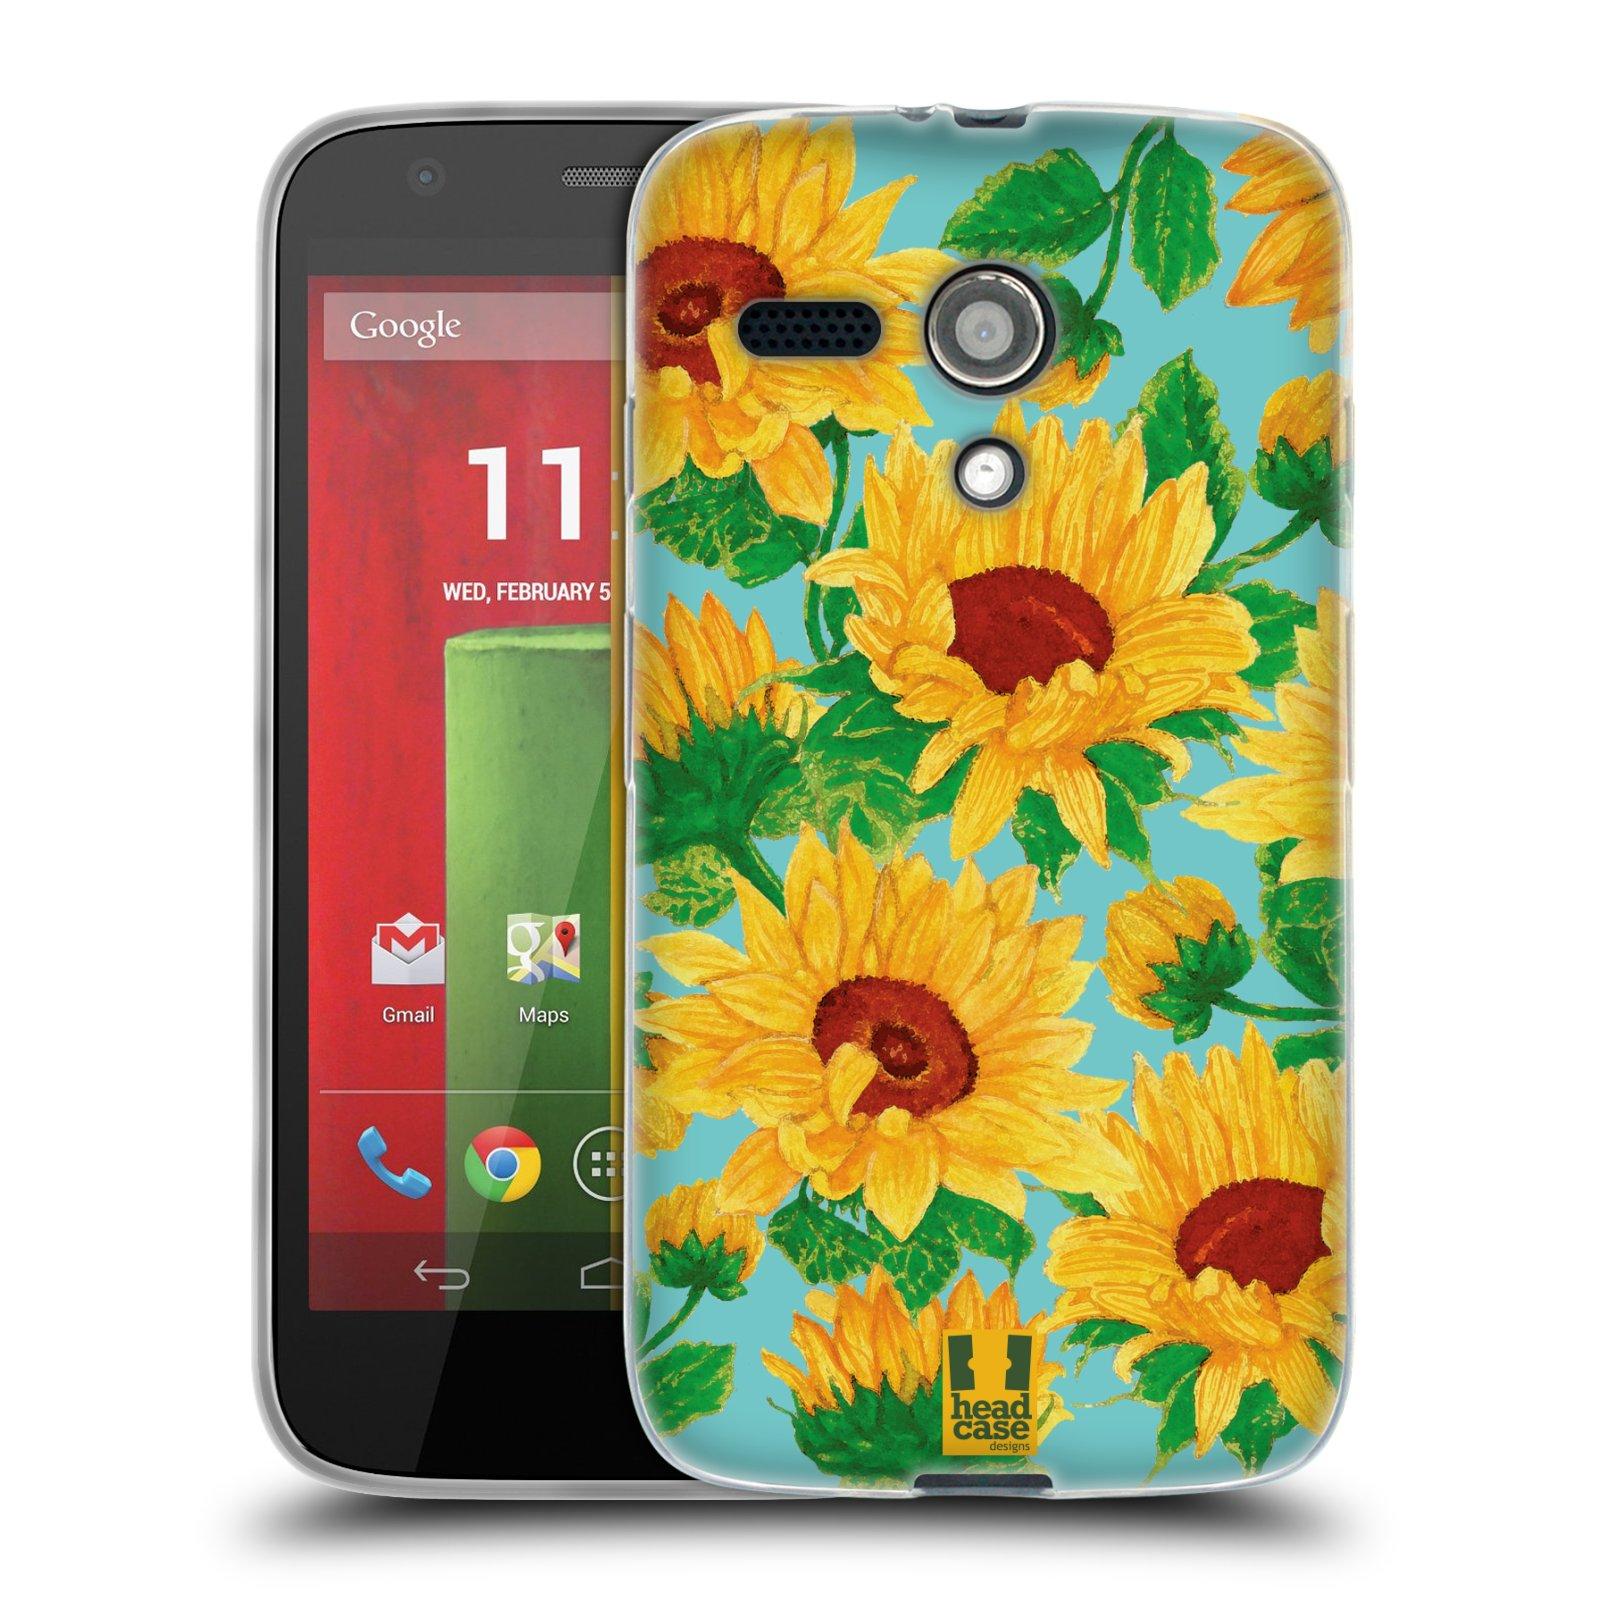 Silikonové pouzdro na mobil Motorola Moto G HEAD CASE Slunečnice (Silikonový kryt či obal na mobilní telefon Motorola Moto G)